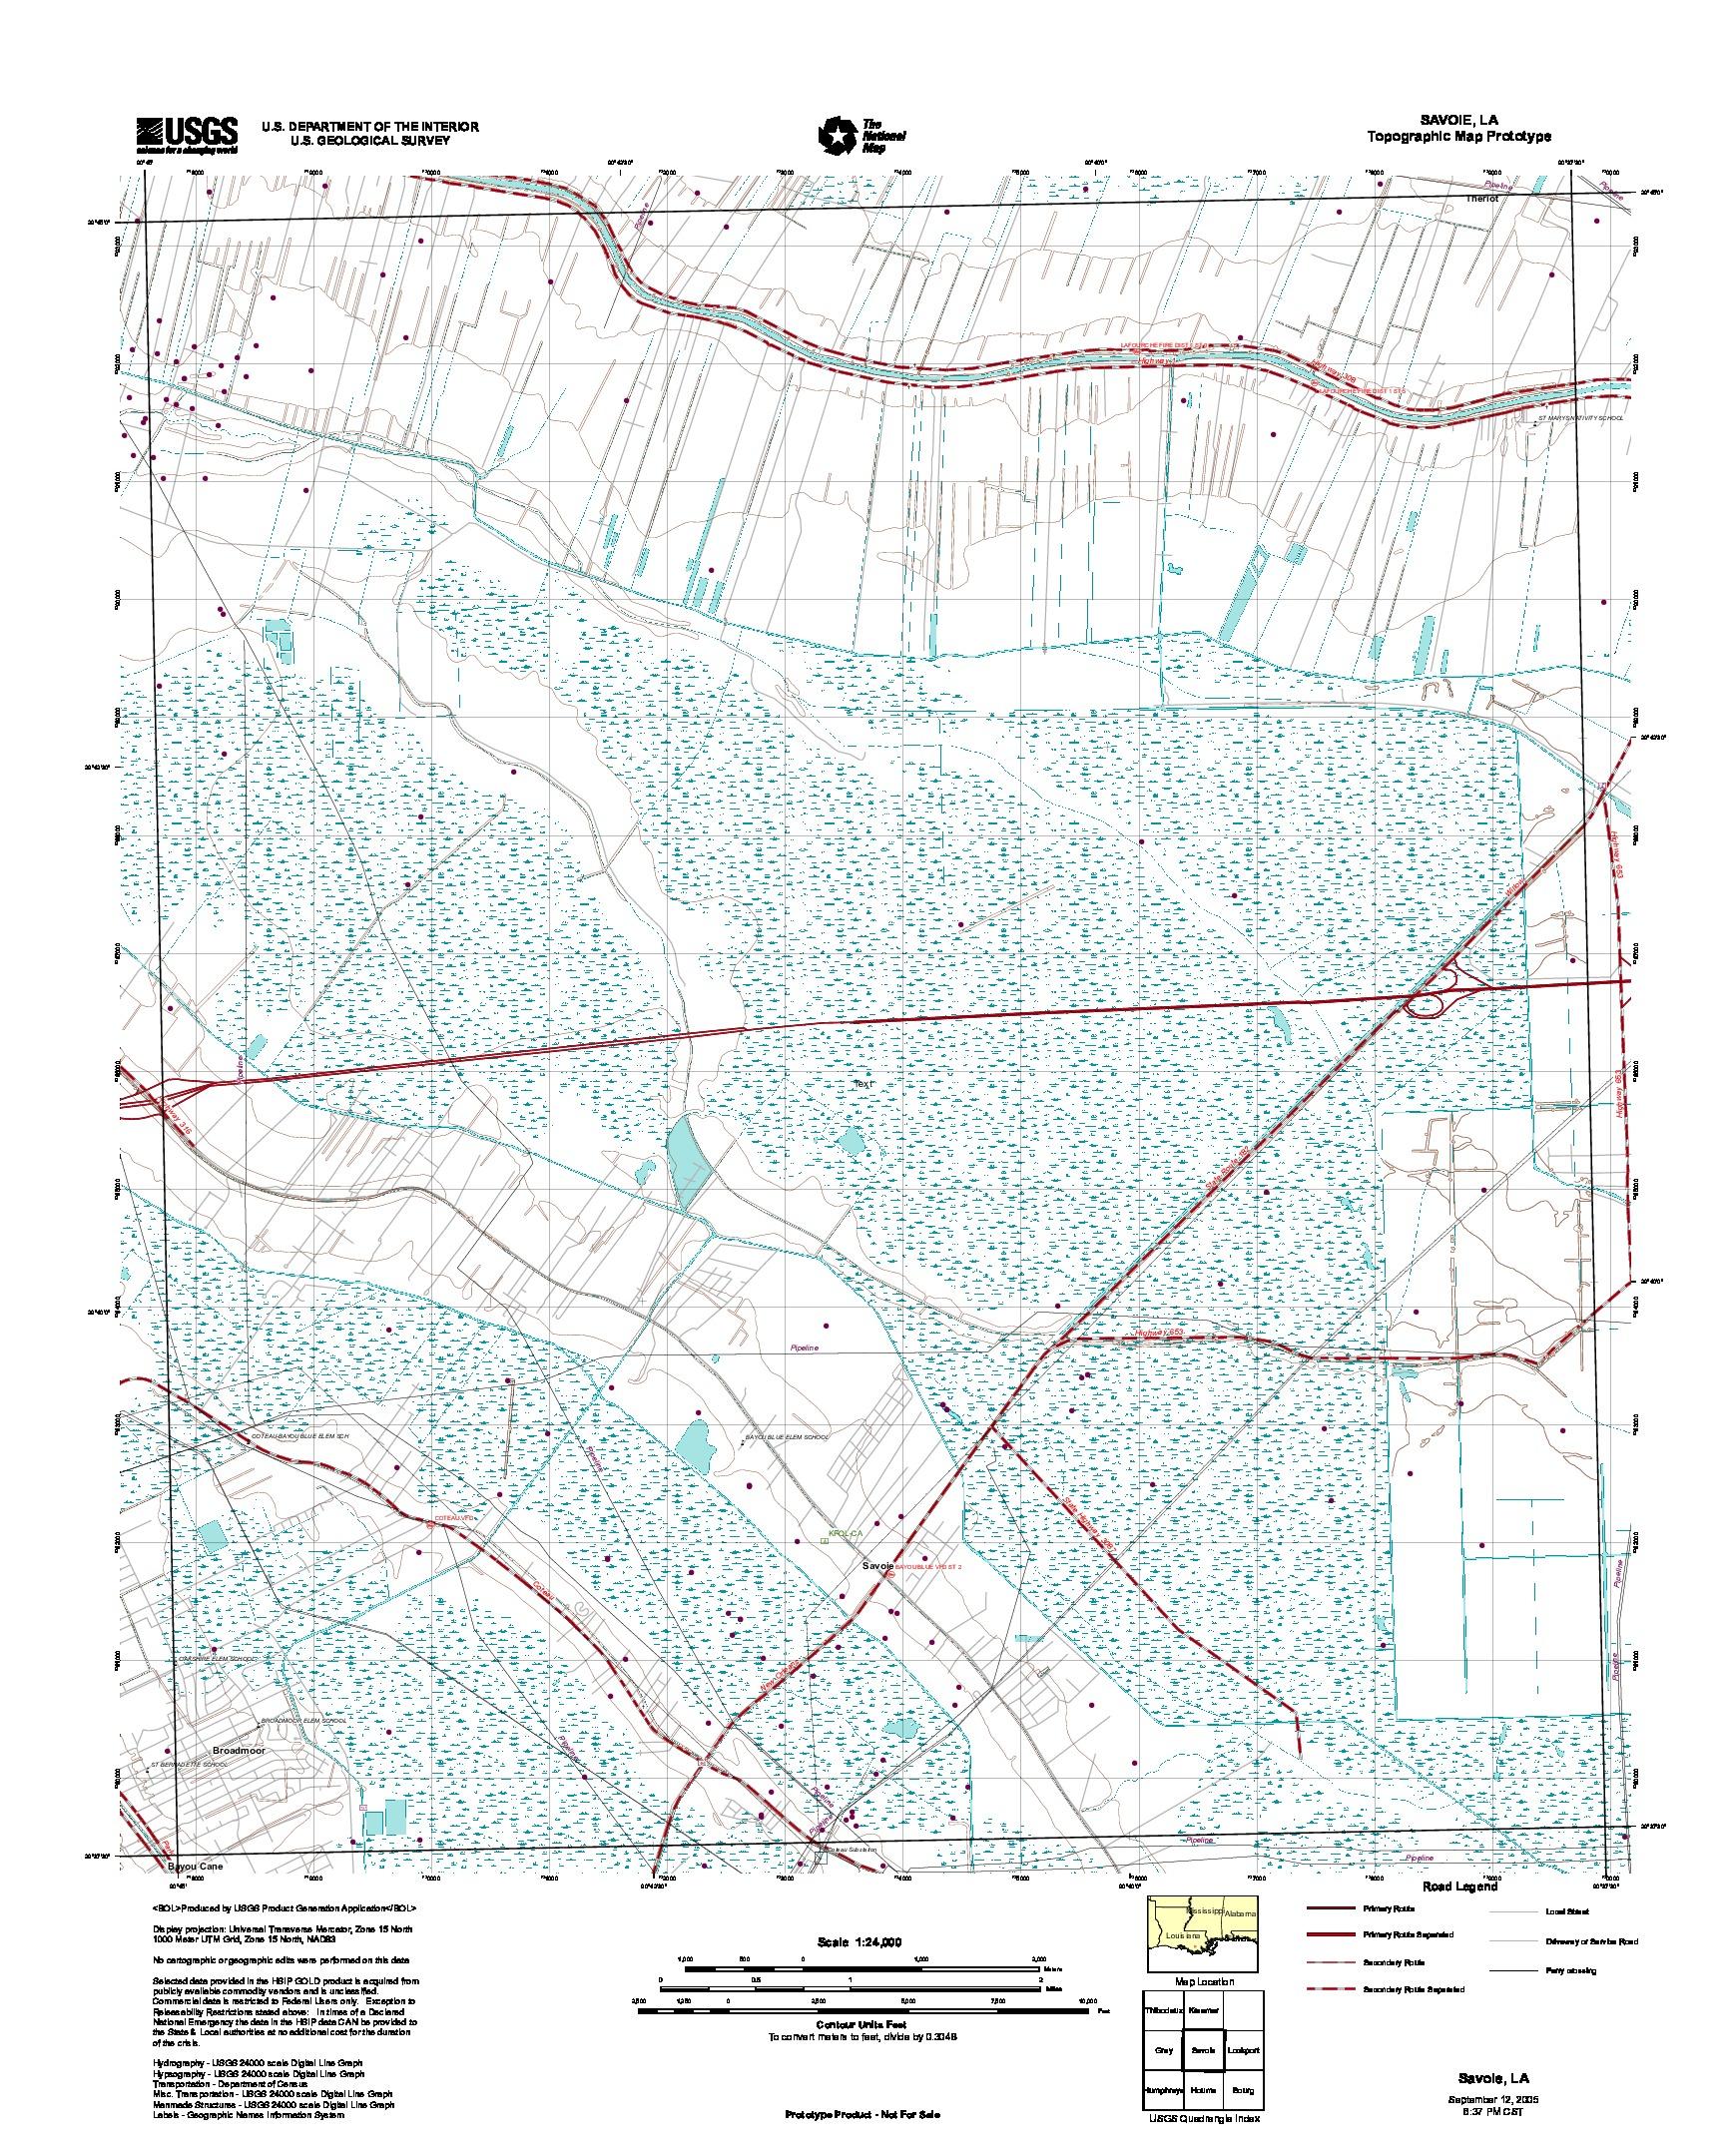 Prototipo de Mapa Topográfico de Savoie, Luisiana, Estados Unidos, Septiembre 12, 2005